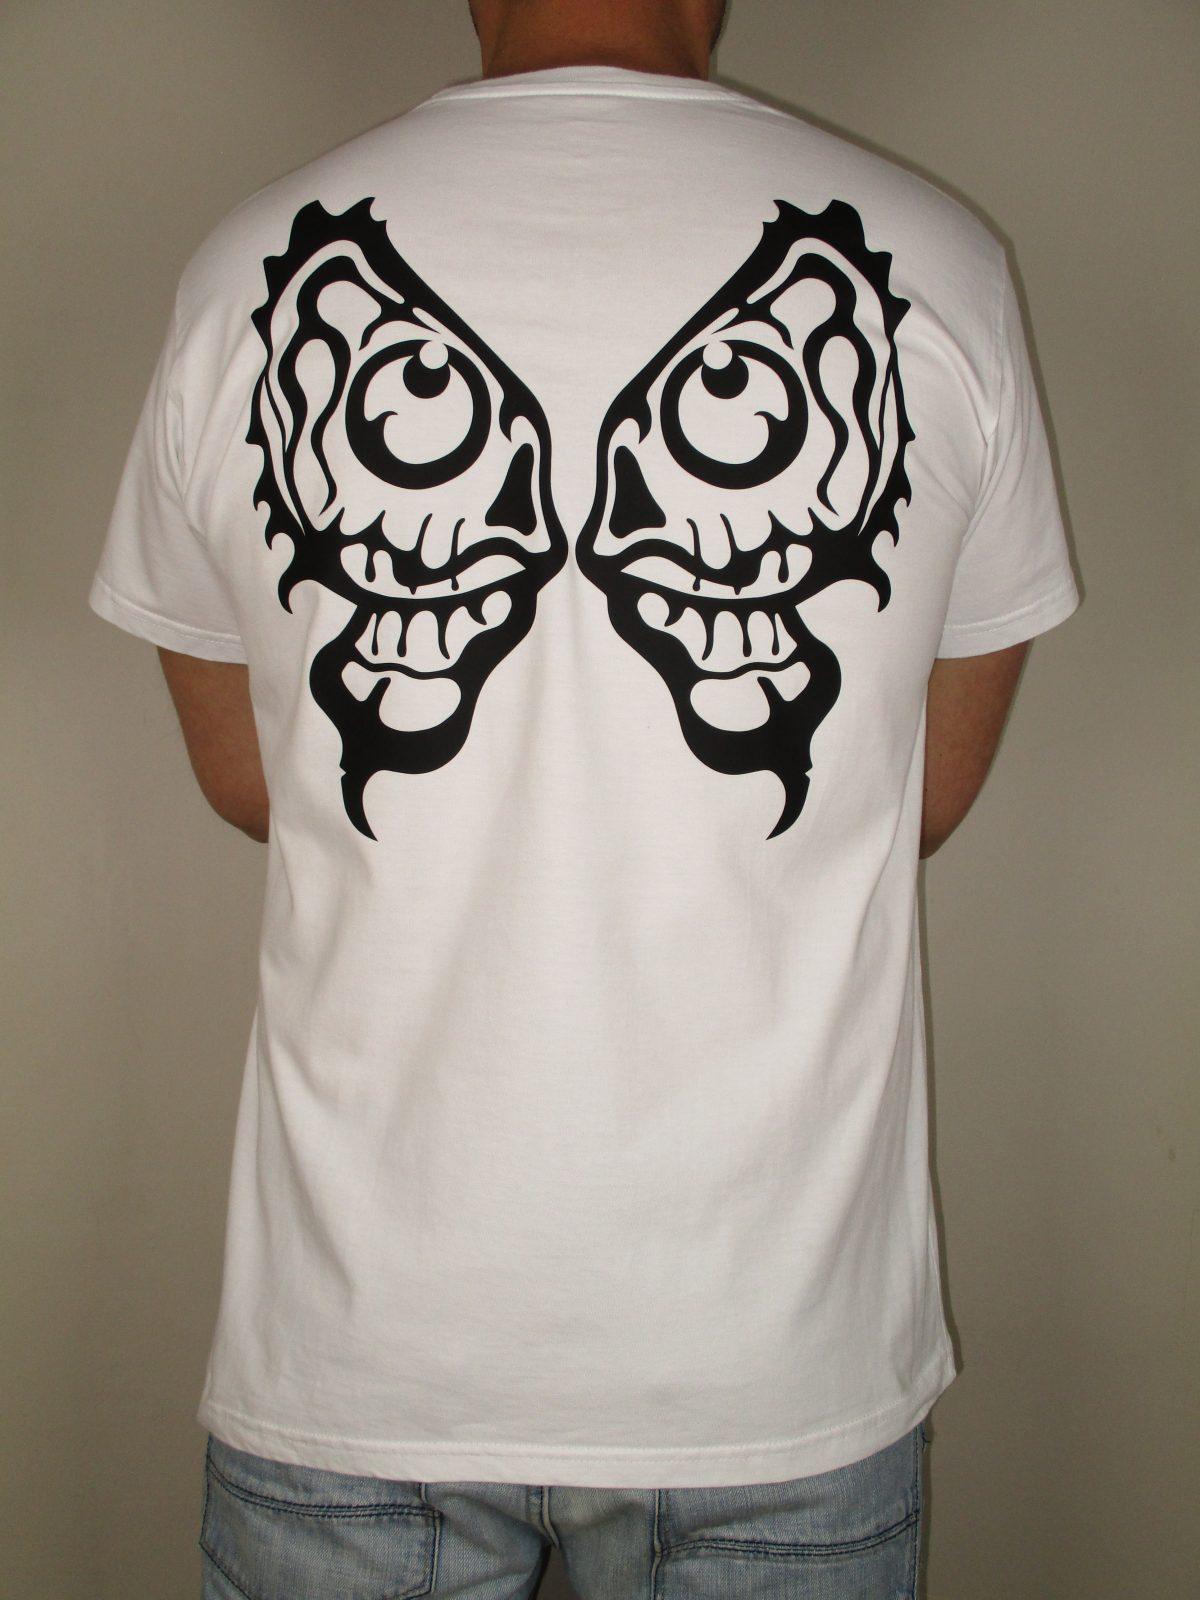 Camiseta EHT Blanca Diseño negro Alas Calavera Harapos Marca registrada Camiseta española Productos españoles Hecho en España